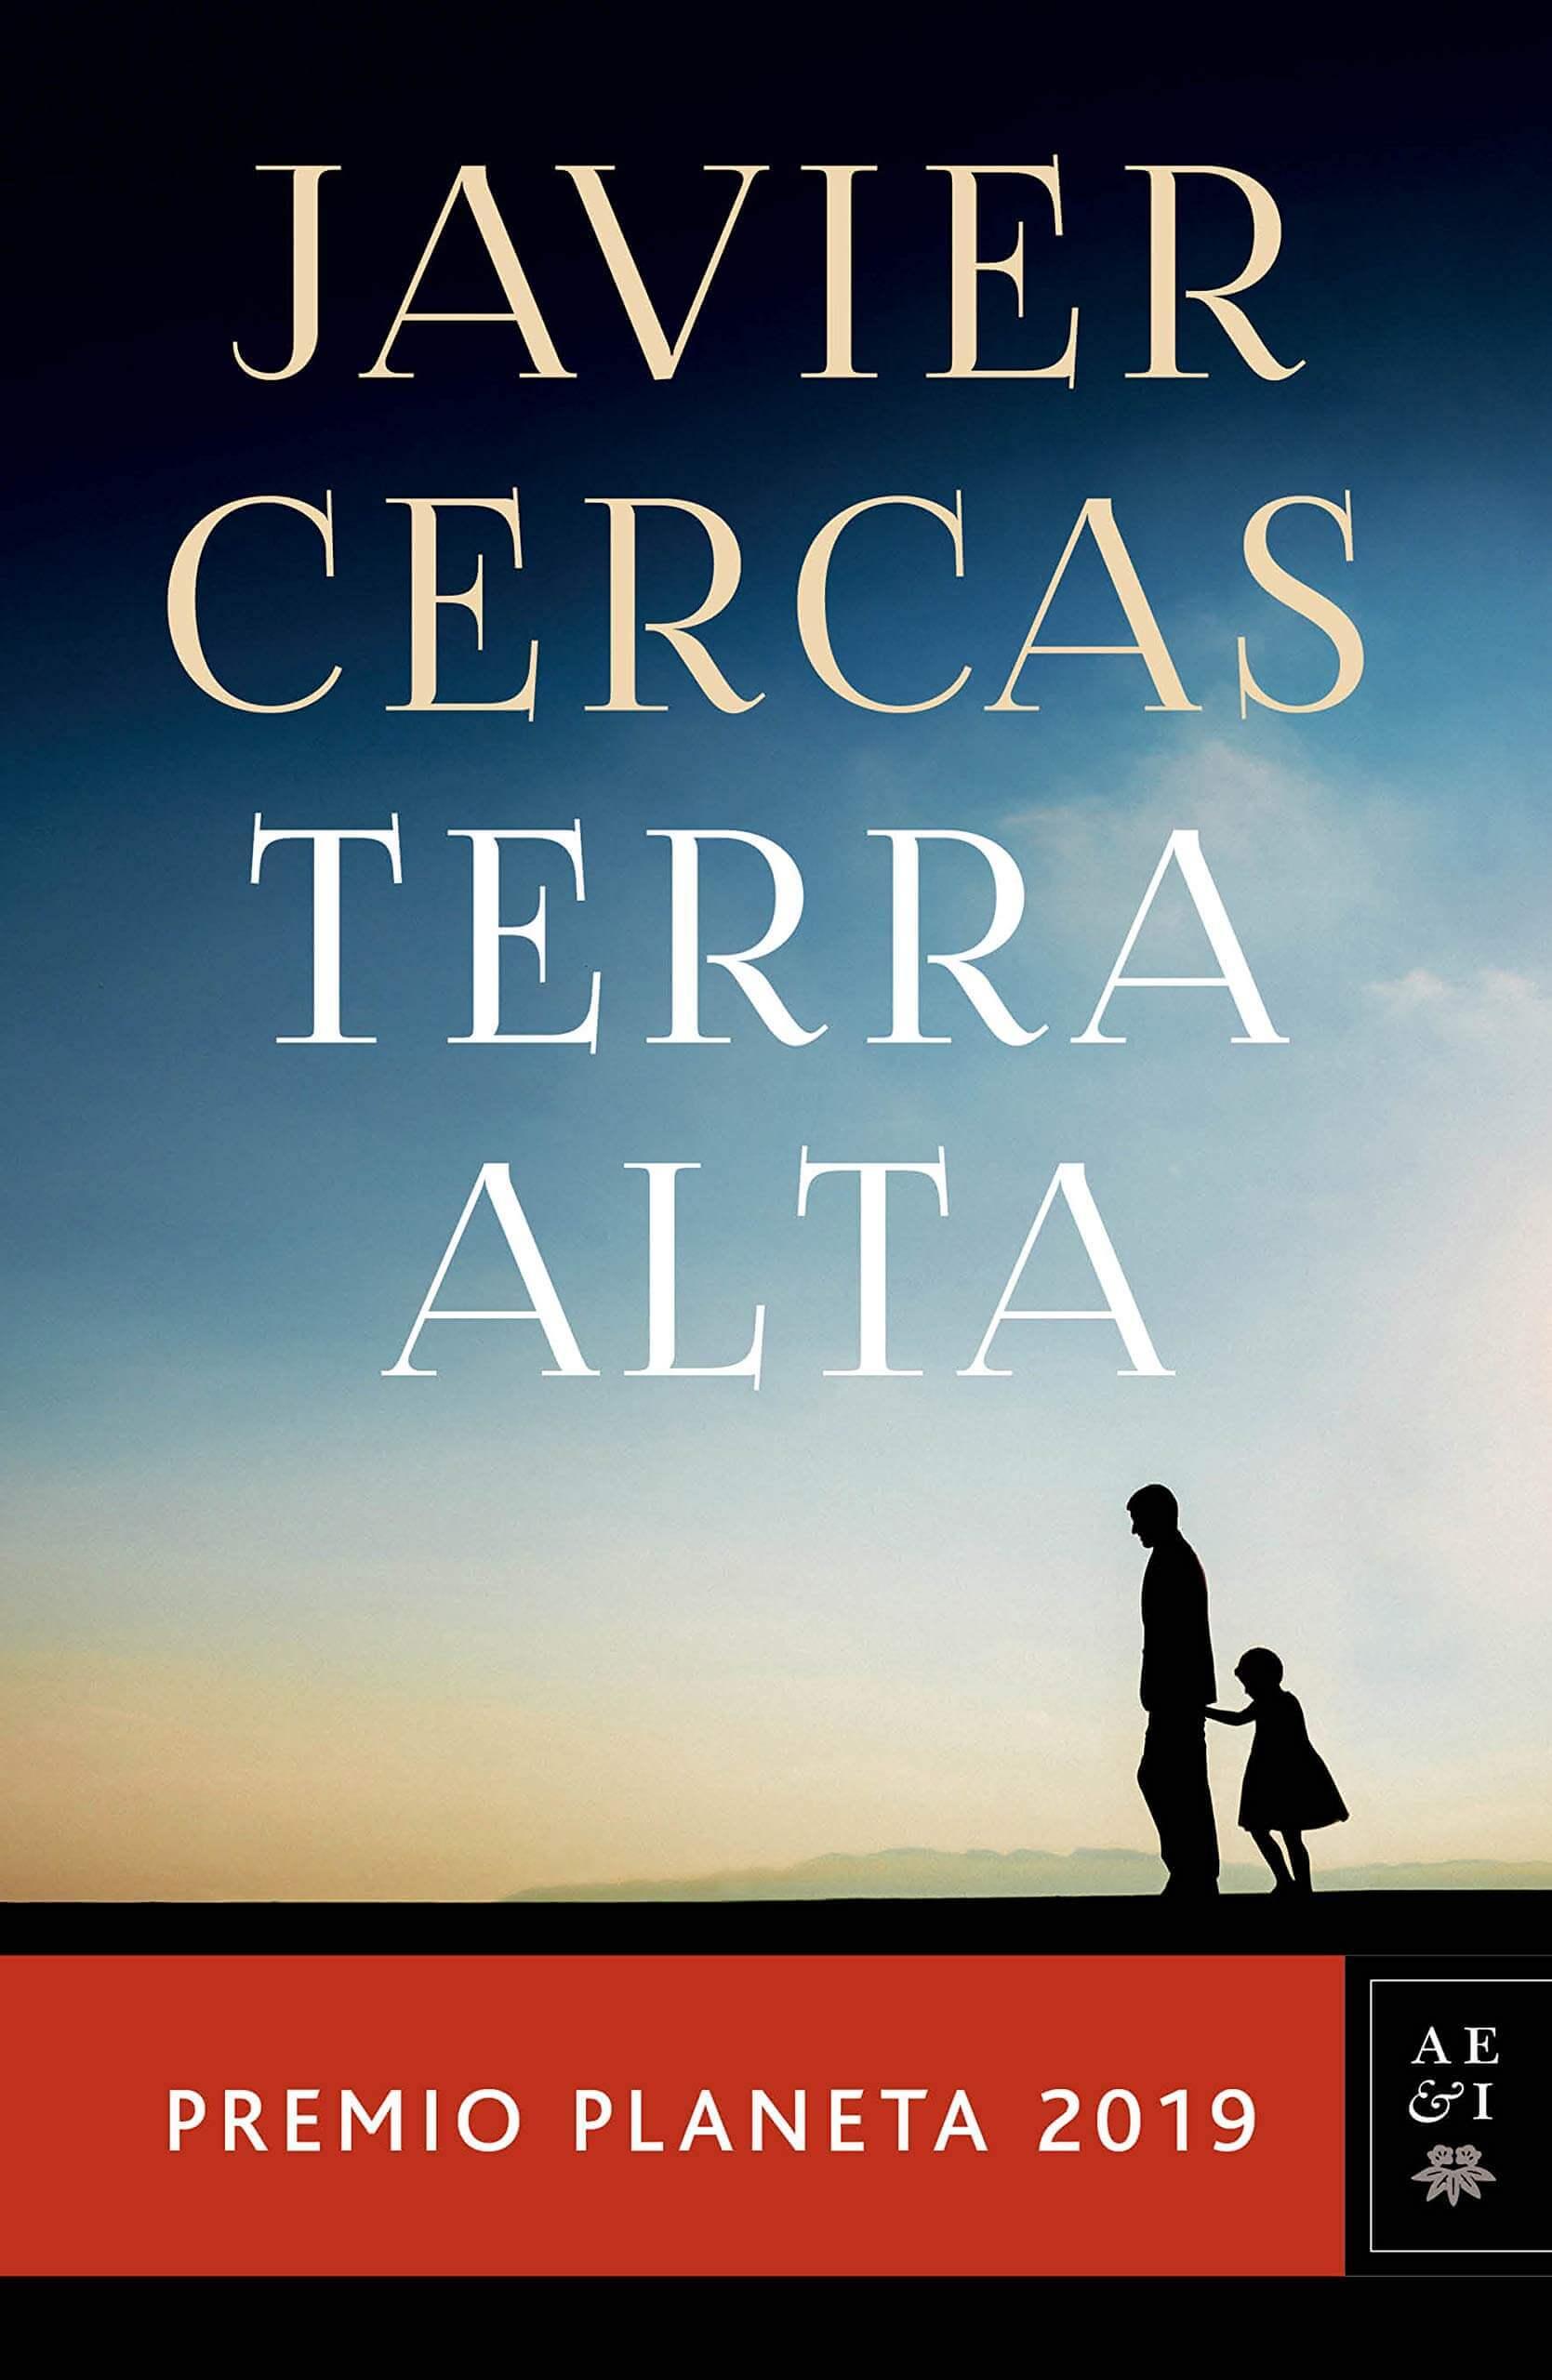 DESCARGAR en PDF el libro TERRA ALTA Premio Planeta 2019 - Javier Cercas Gratis y Completo